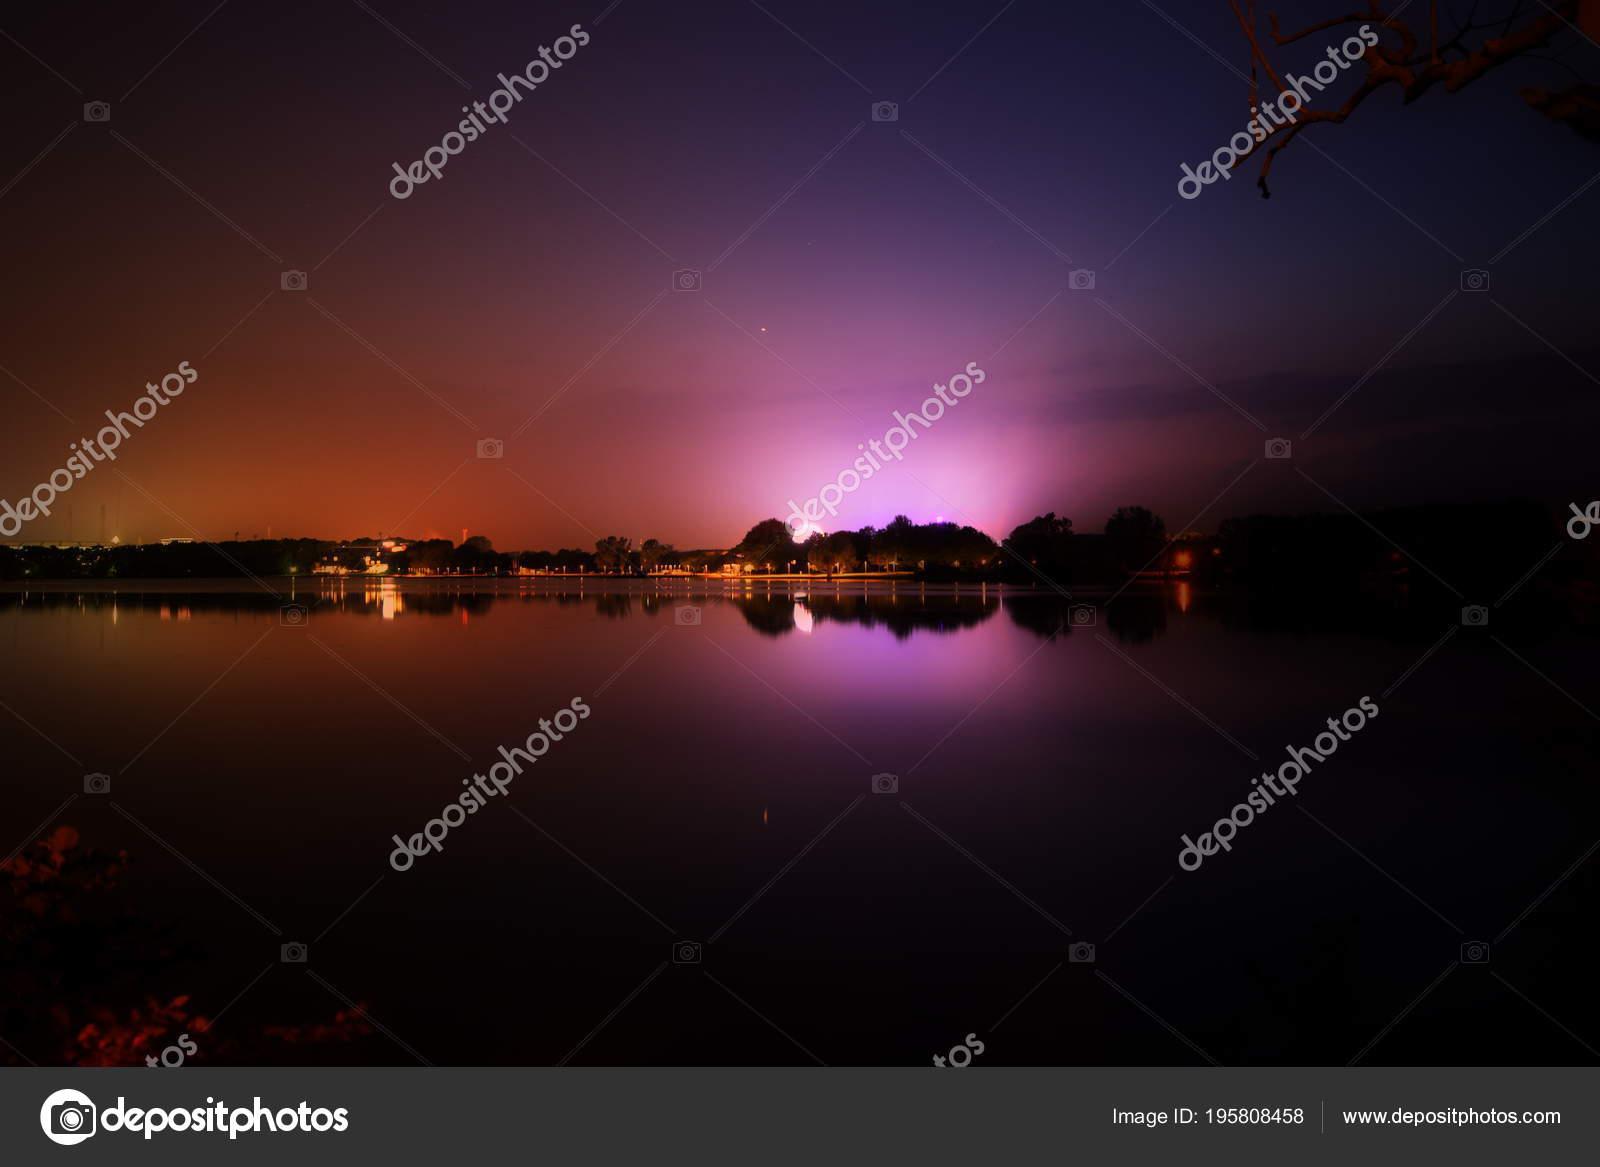 ville et fete foraine reflets de lumieres au dessus de l eau pendant la nuit a wolfsburg allemagne allersee image de byaz3